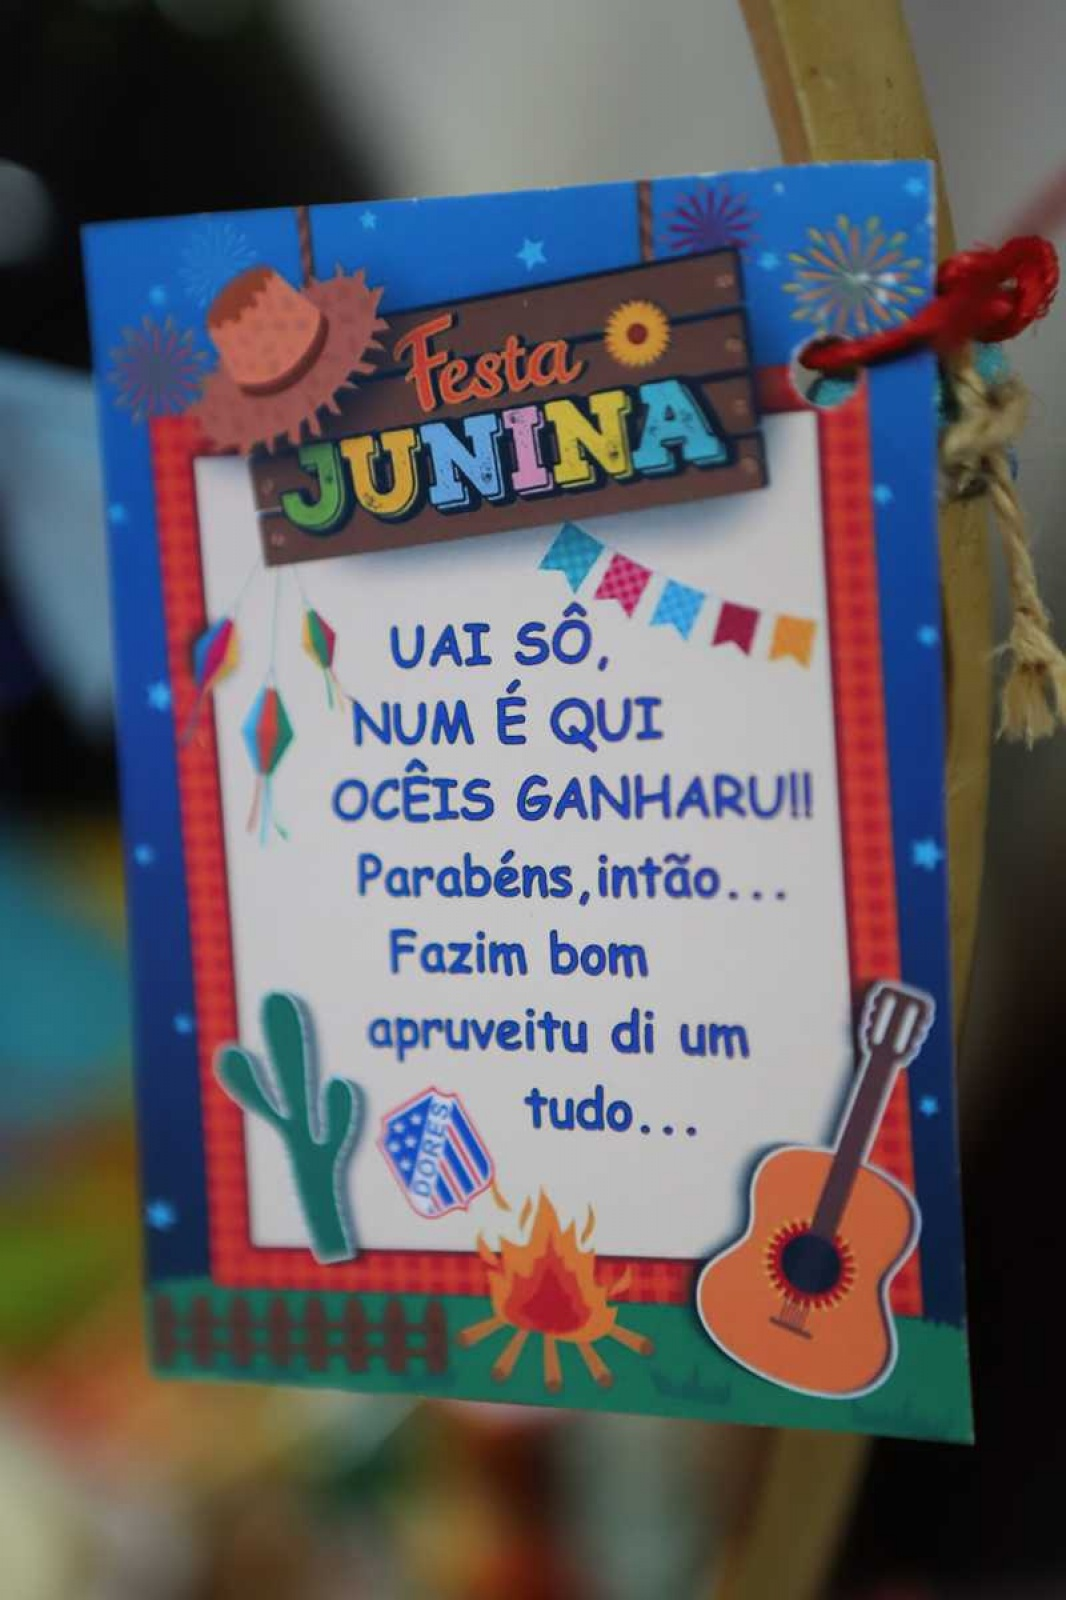 Live Esportes - Festa Junina